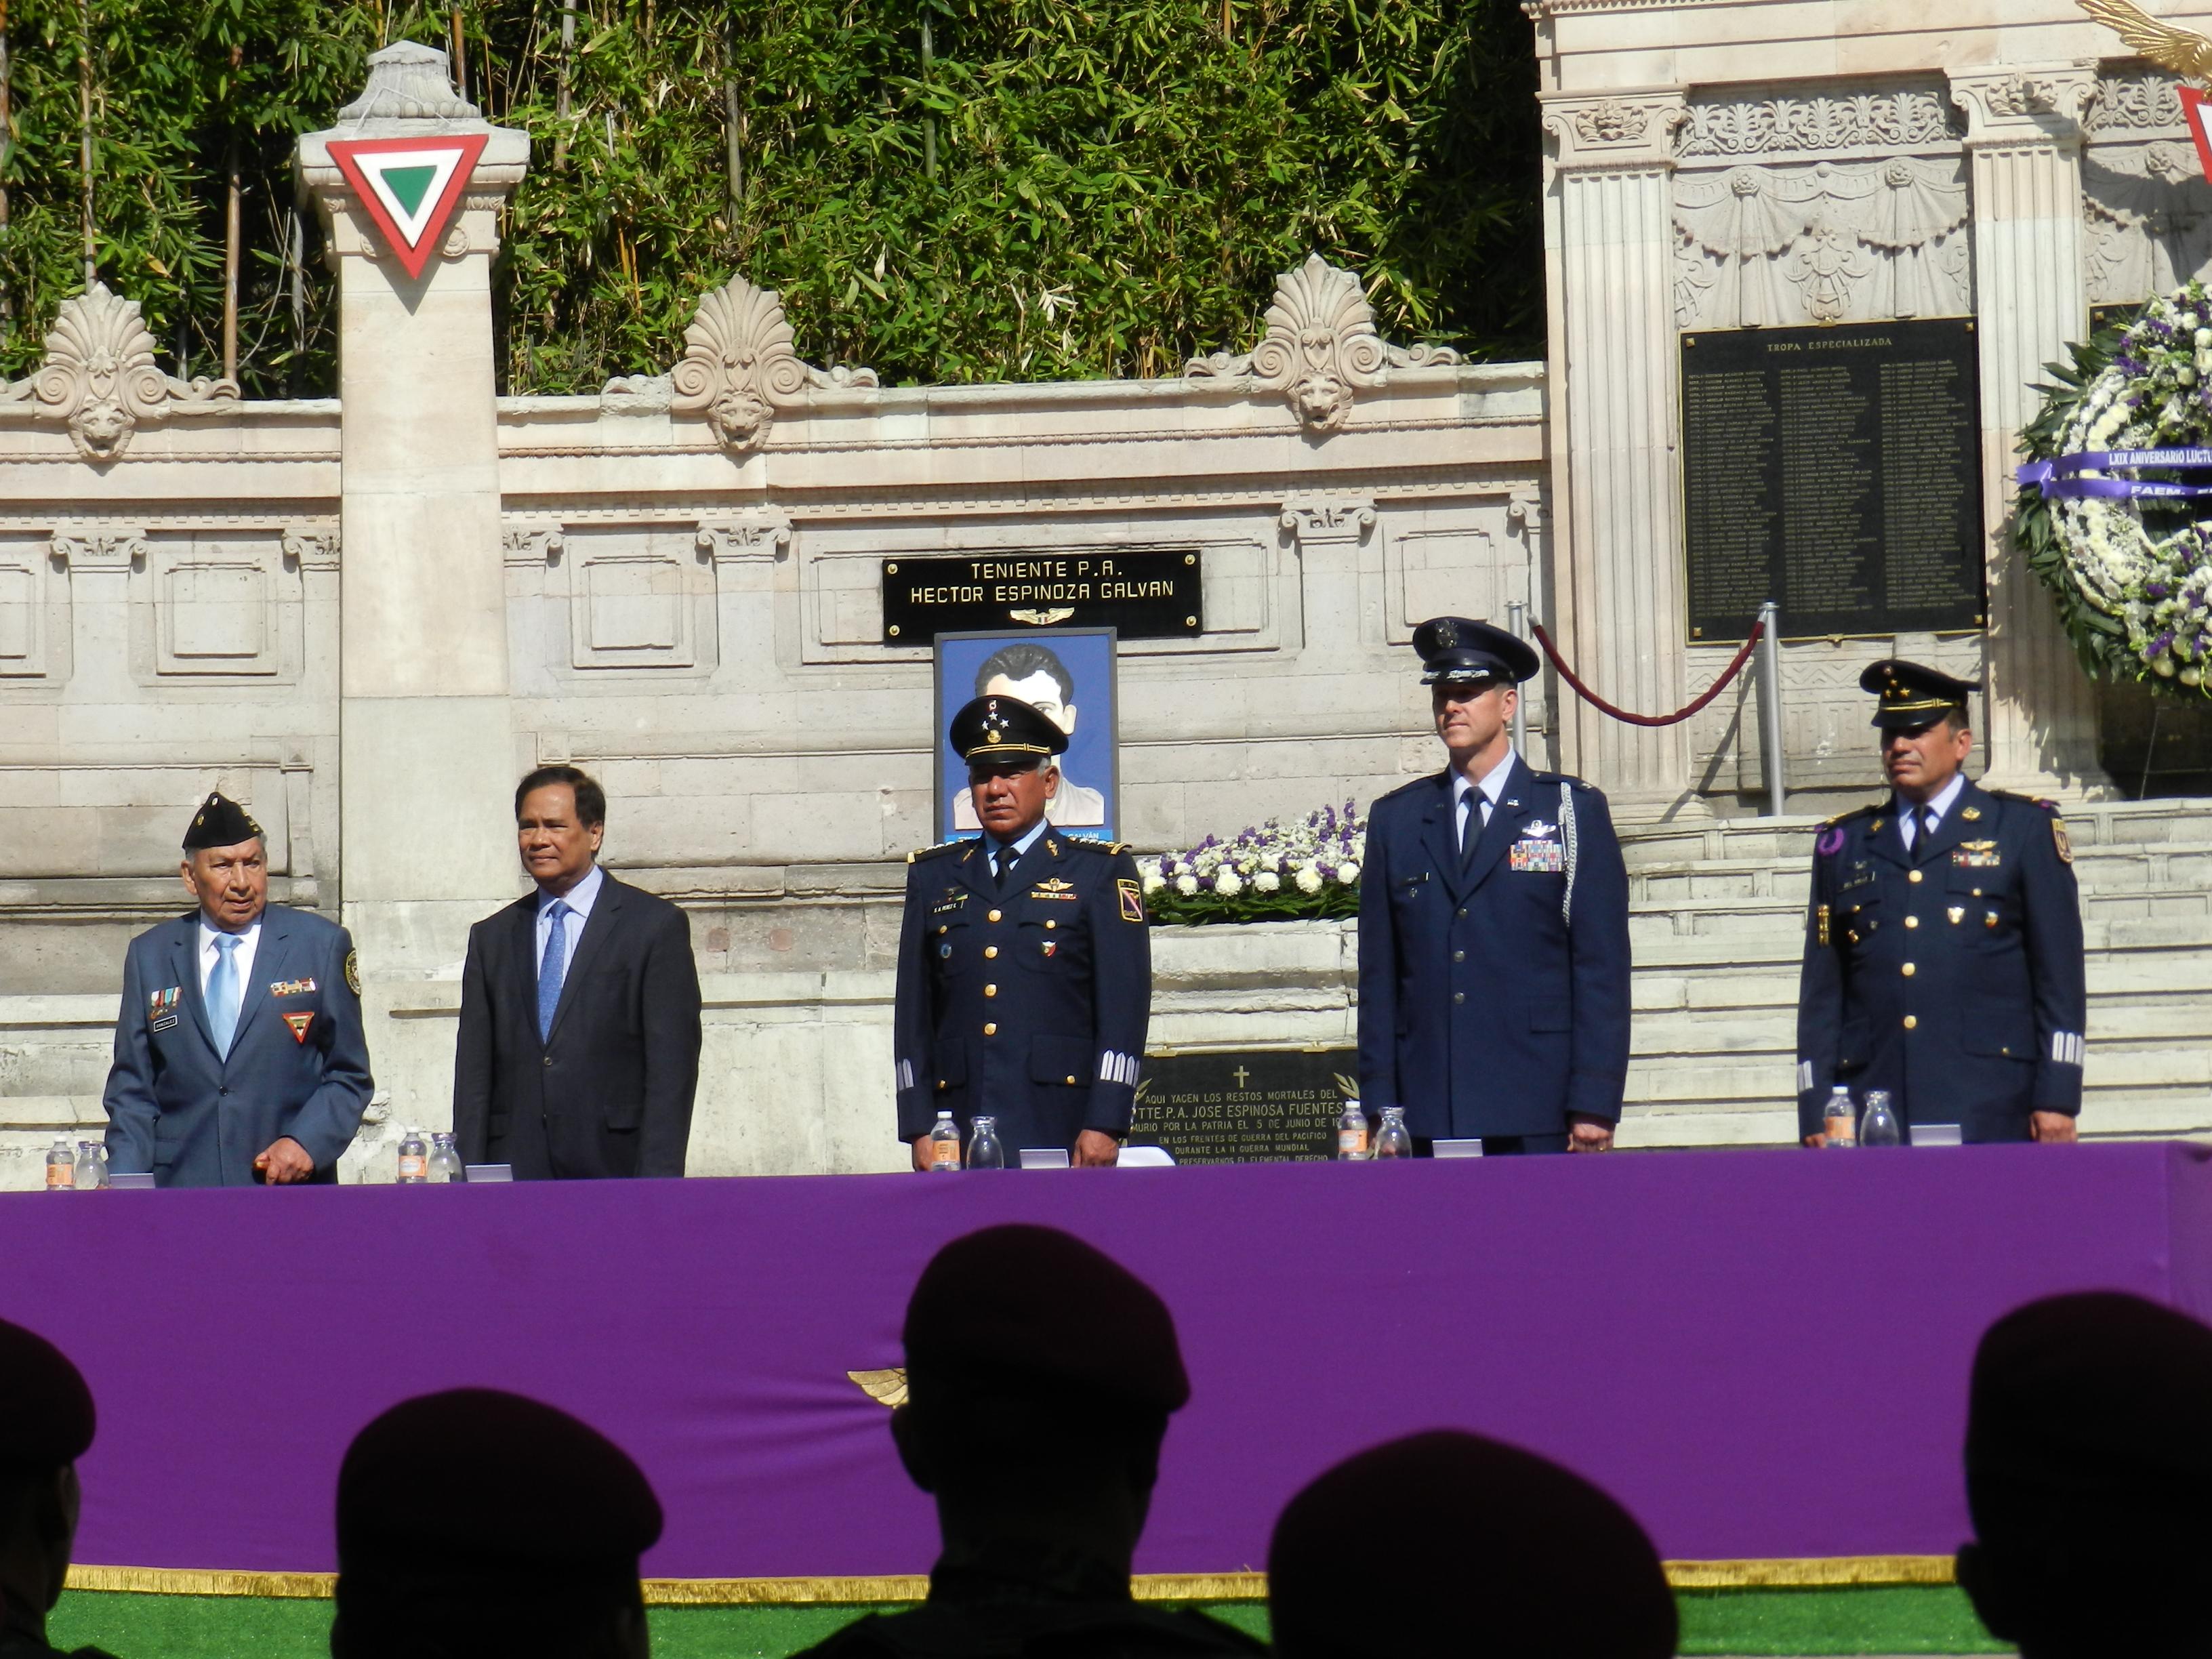 Presidio la Ceremonia en reprentación del Presidente de la Republica Lic. Enrique Peña Nieto,